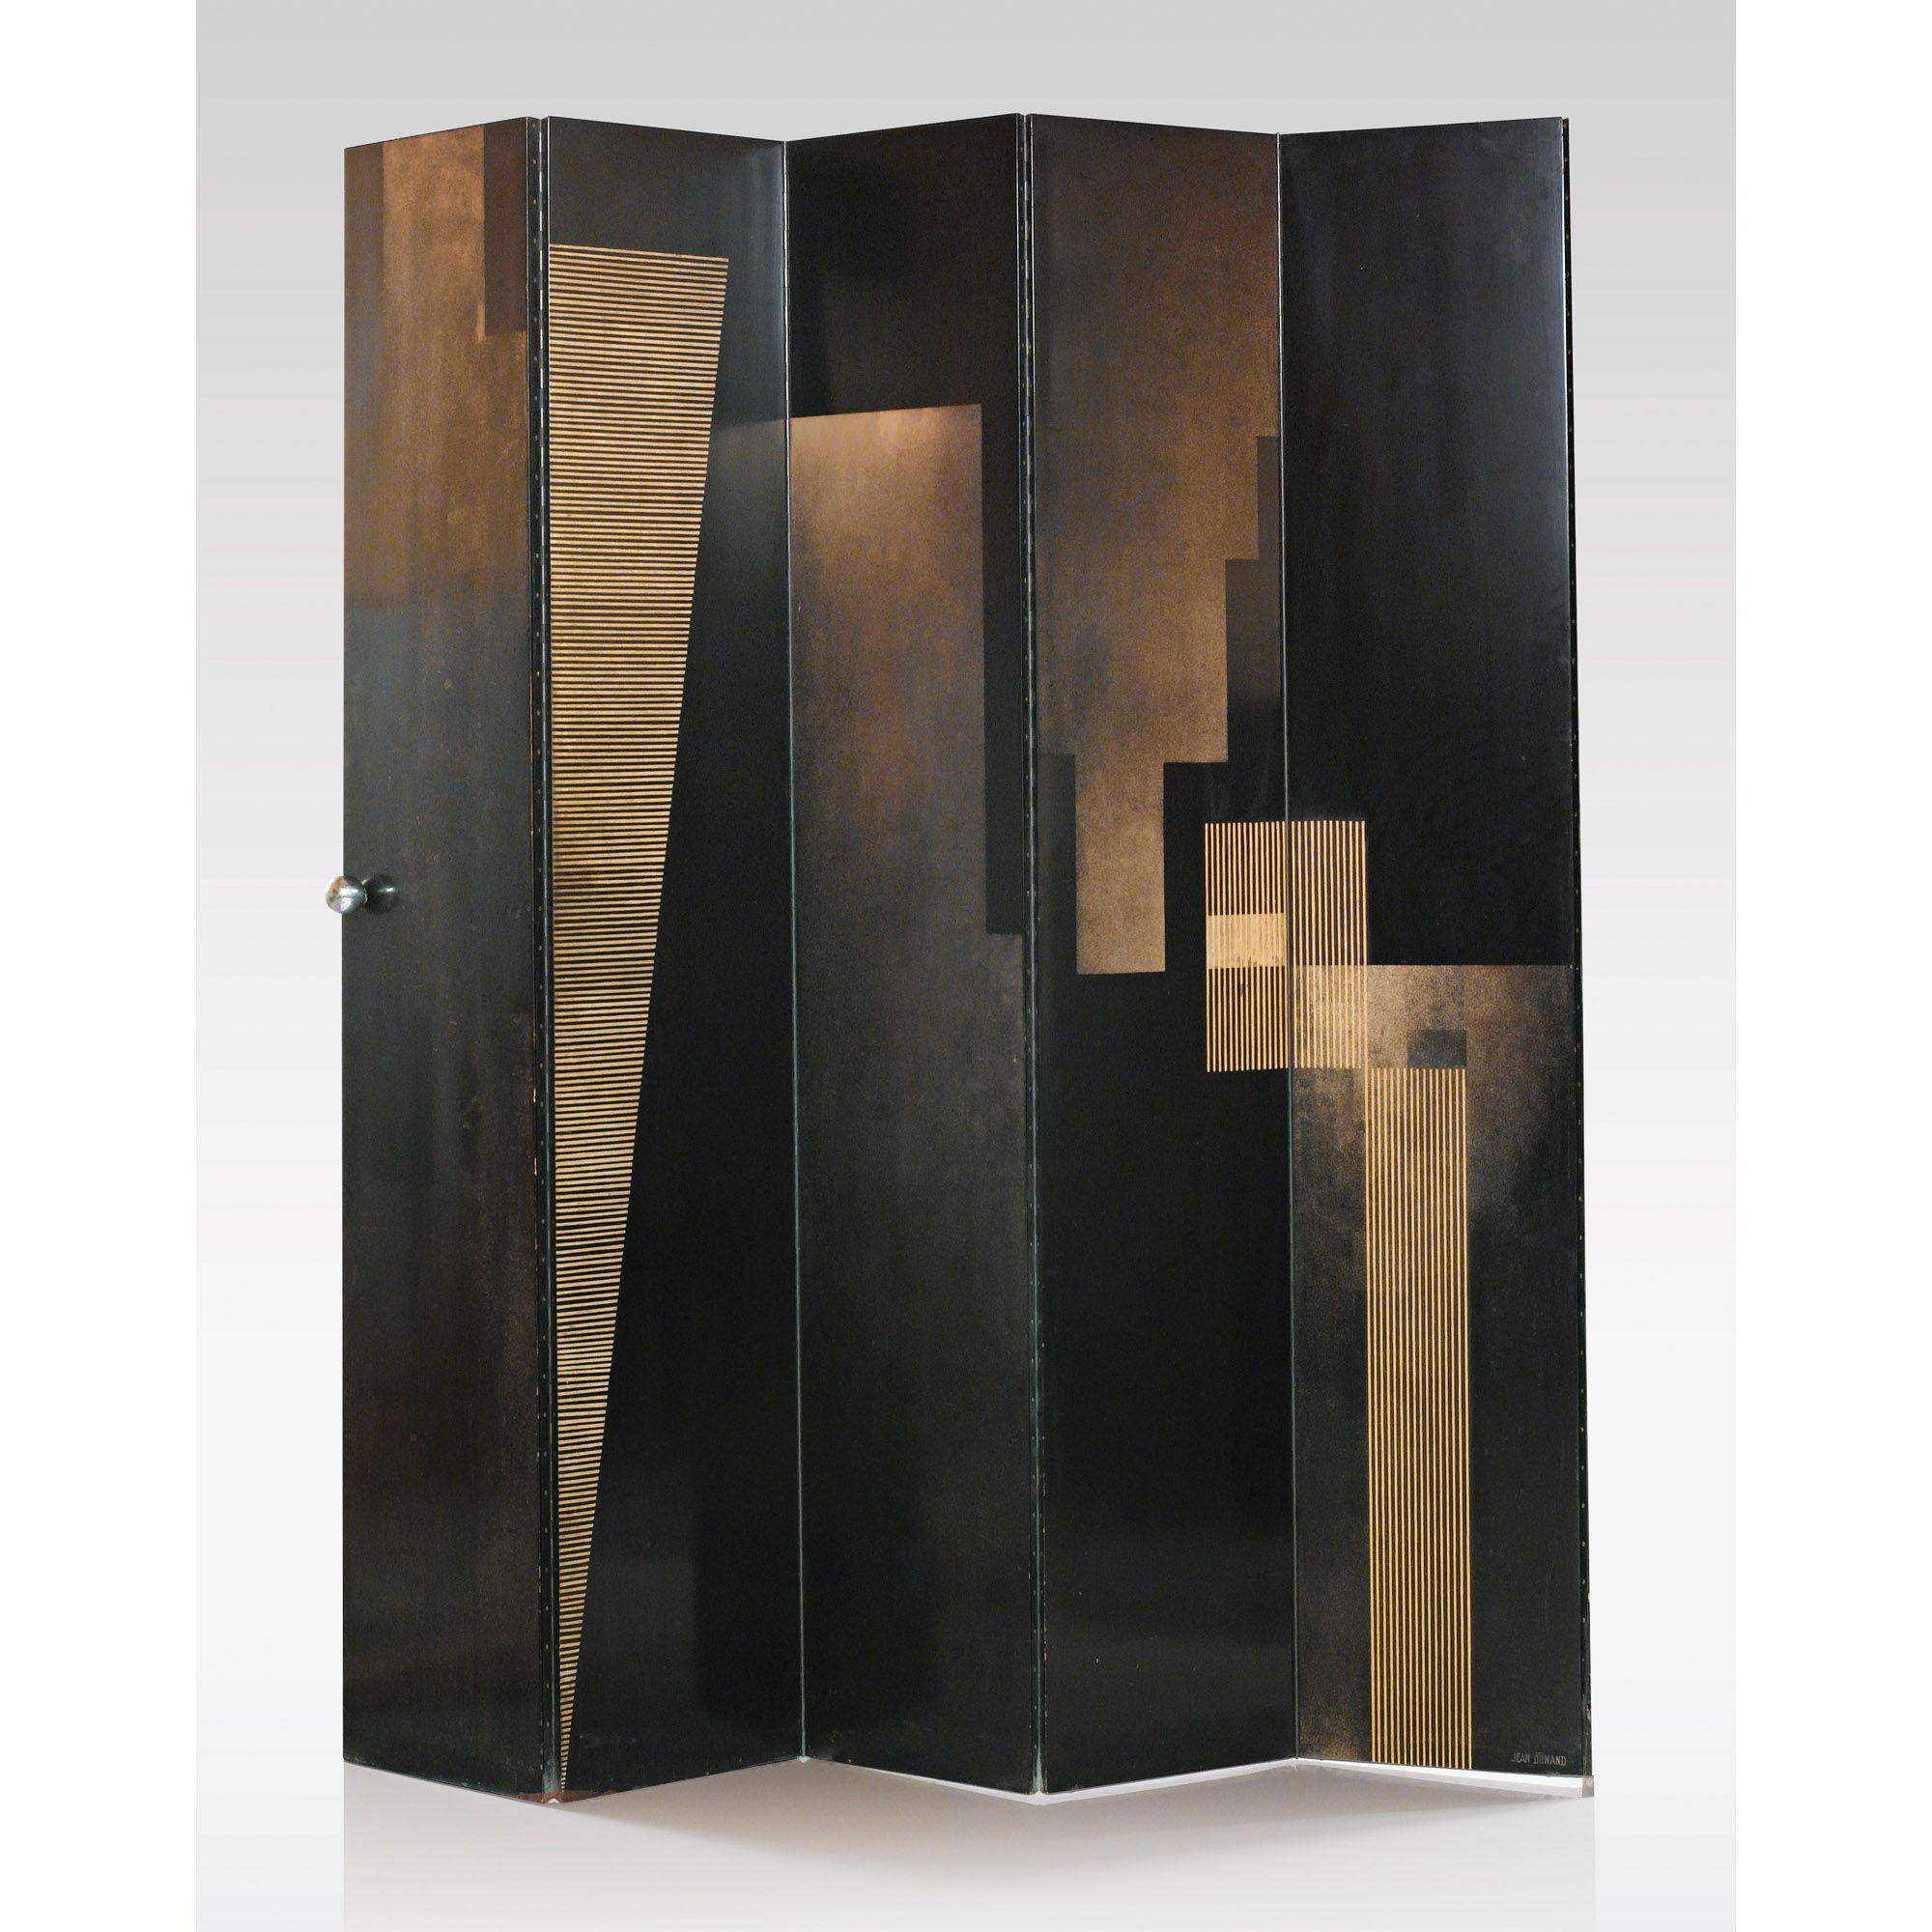 jean dunand 1877 1942 et robert mallet stevens 1886 1945 double porte accord on 39 contraste. Black Bedroom Furniture Sets. Home Design Ideas